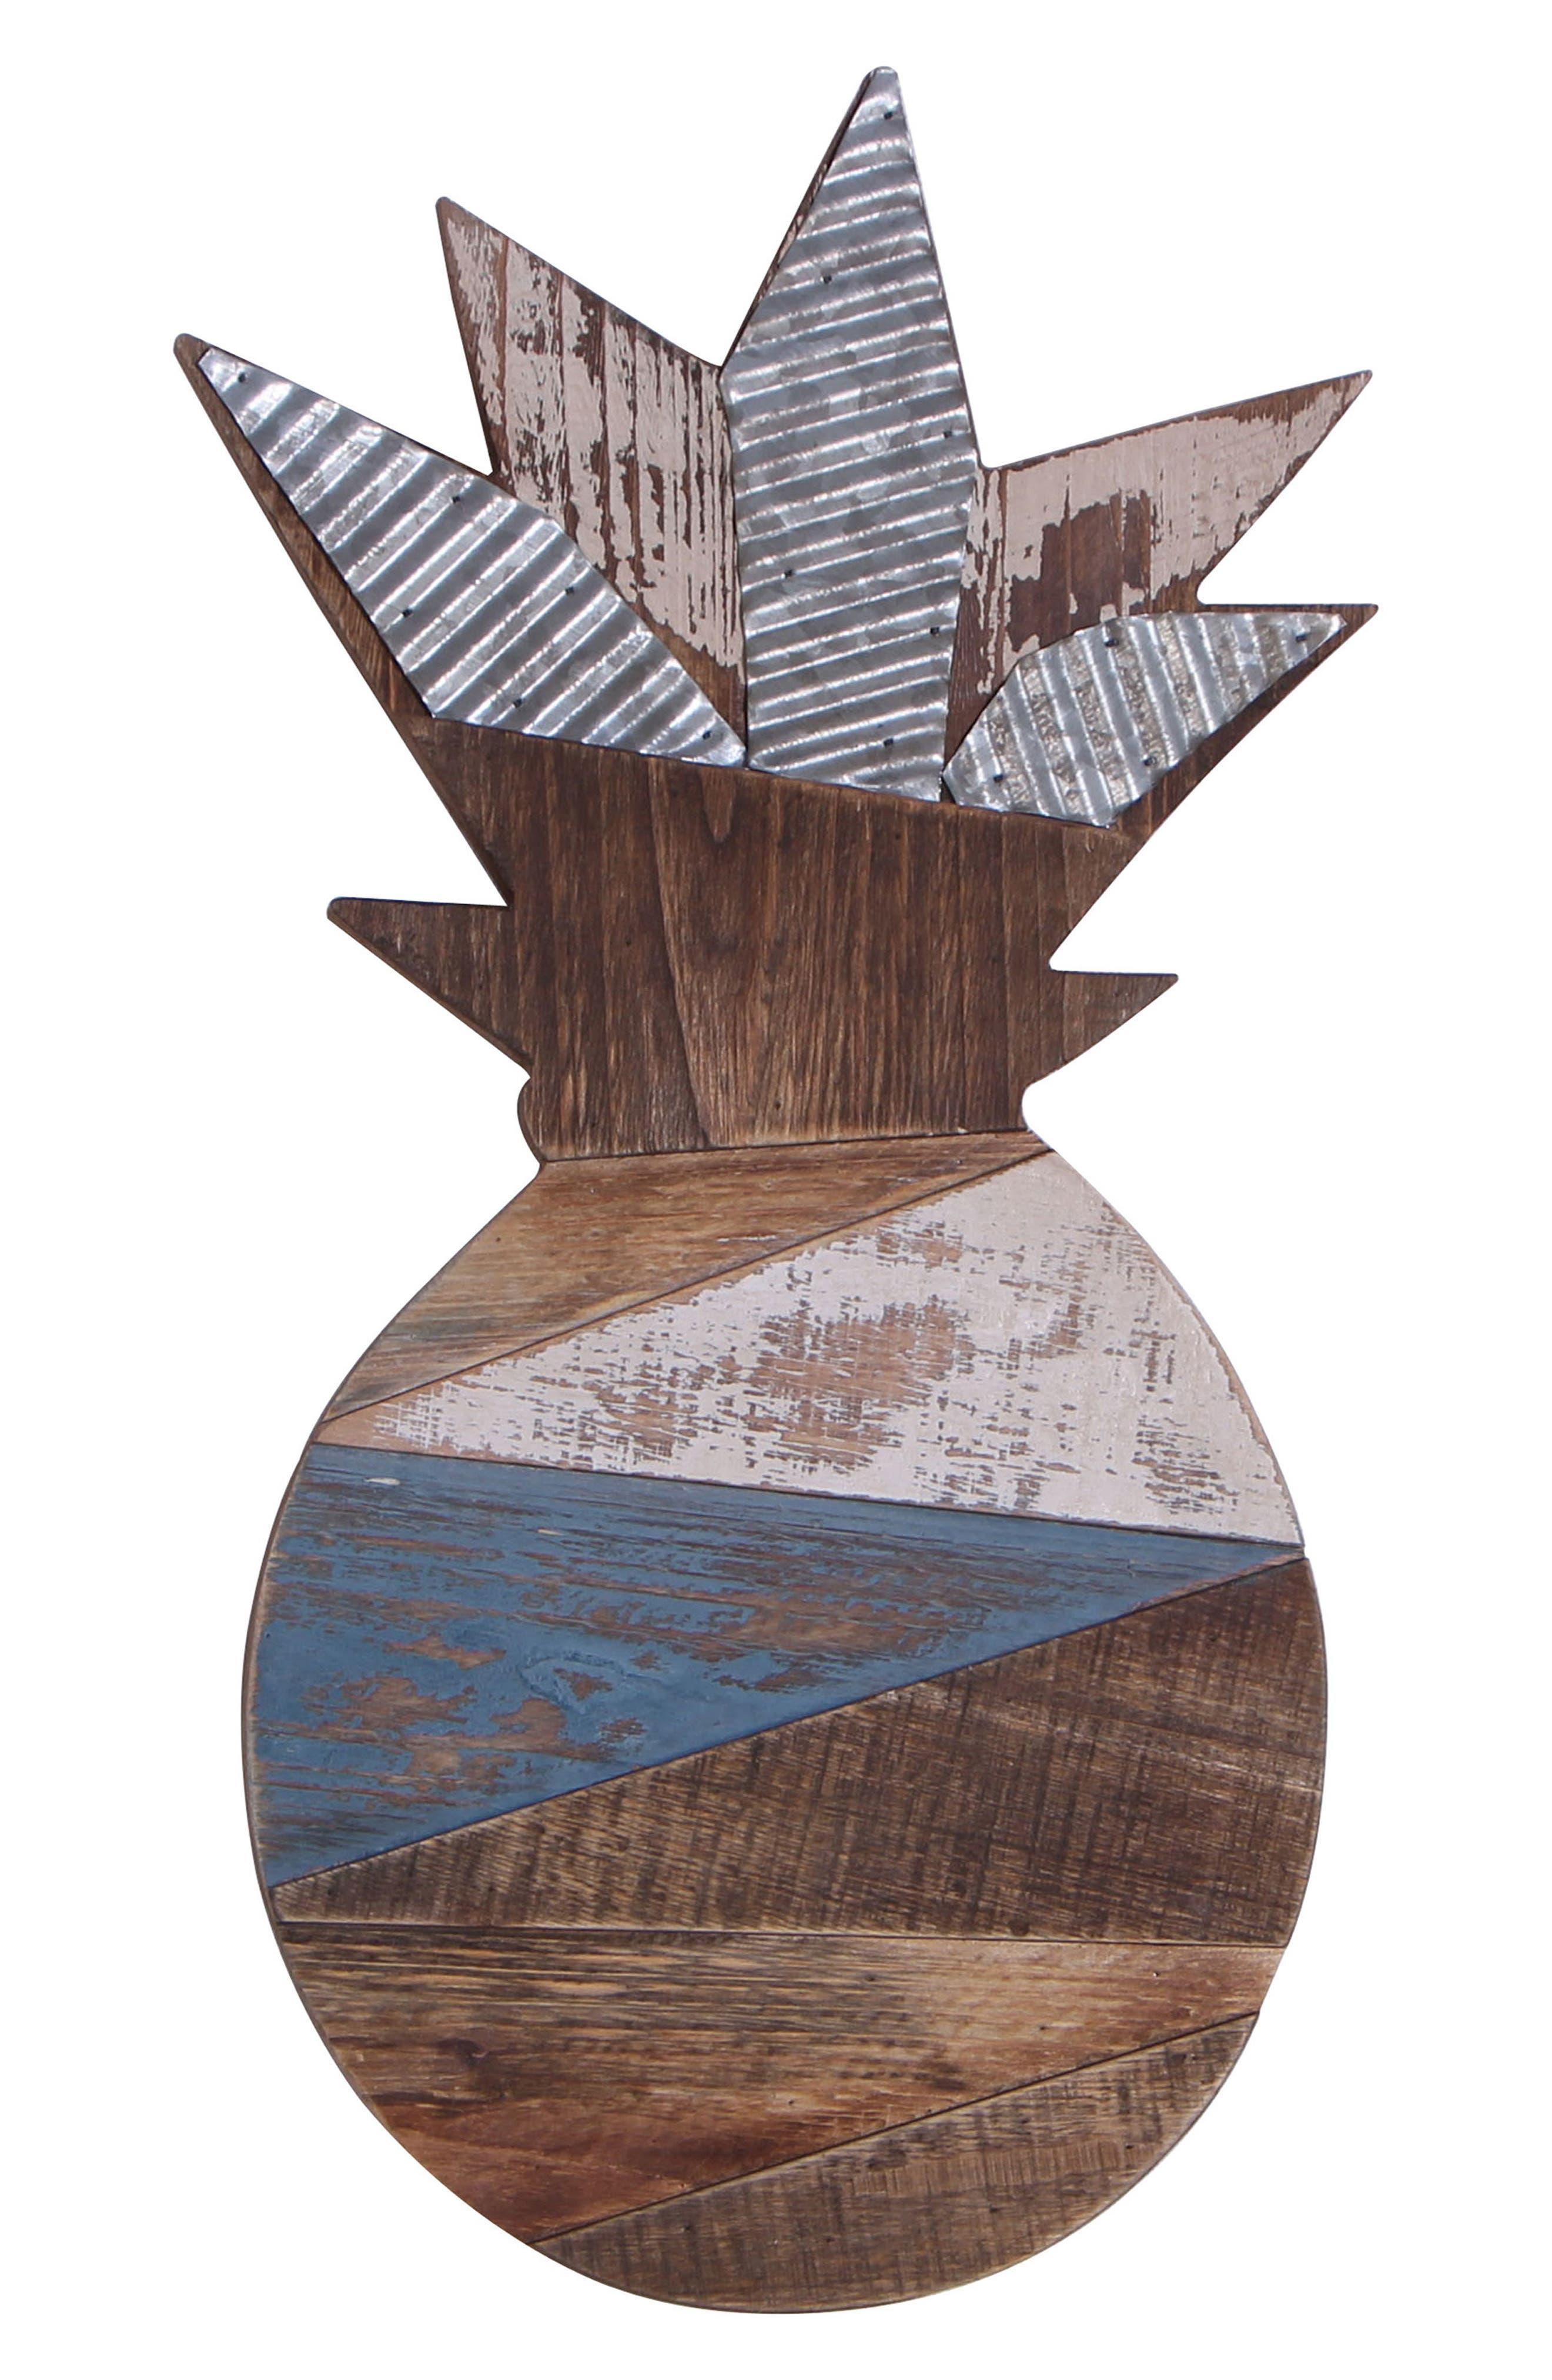 Alternate Image 1 Selected - Crystal Art Gallery Wood & Metal Pineapple Wall Art